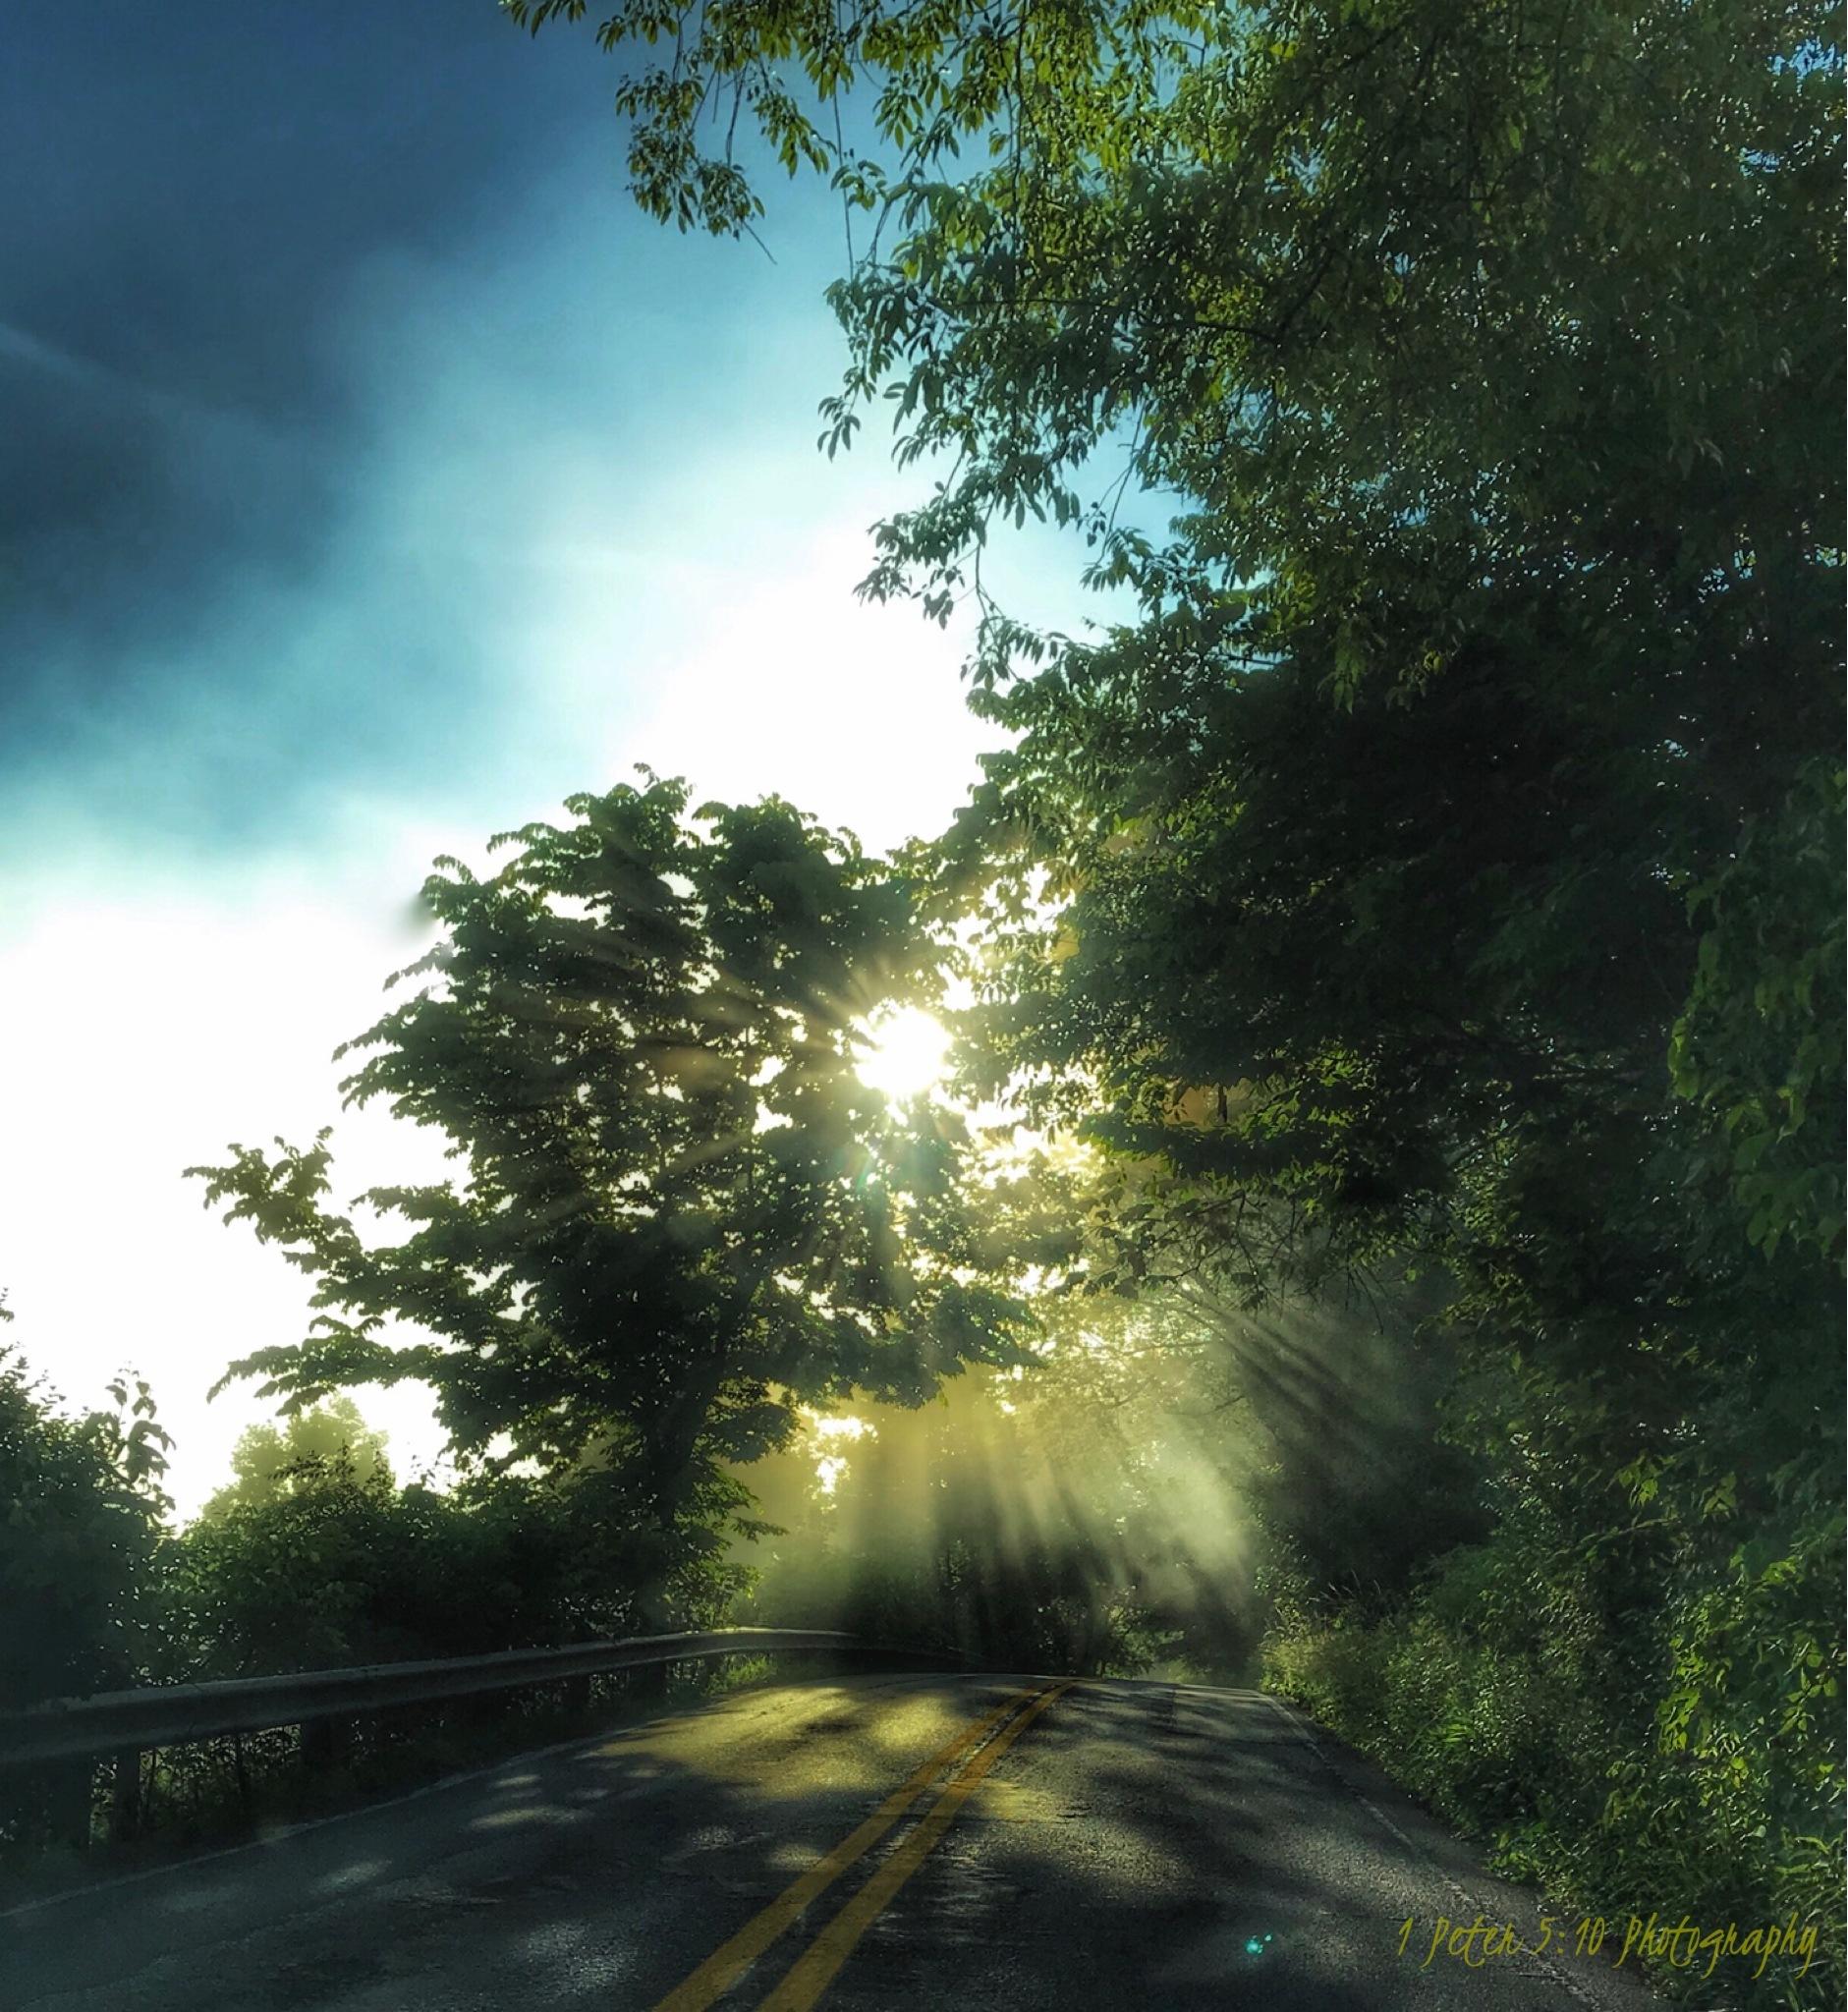 Foggy morning  by Chris Sypolt